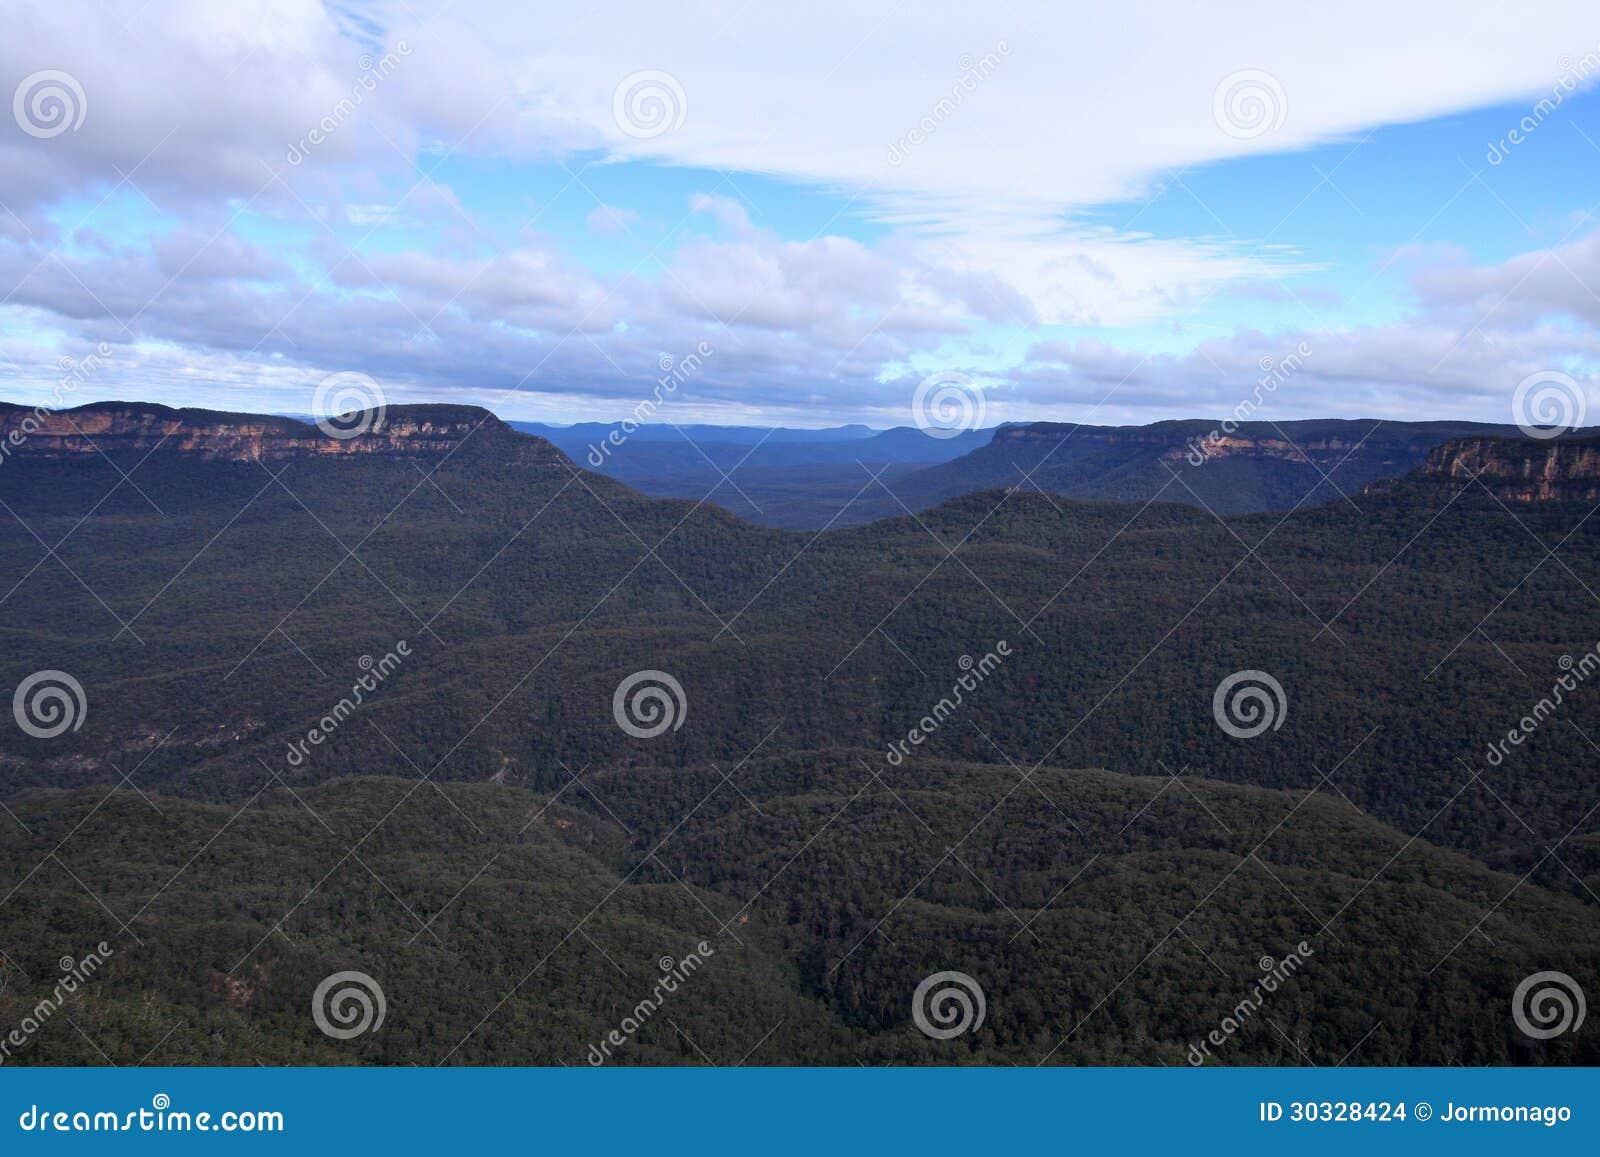 蓝山山脉, NSW,澳大利亚